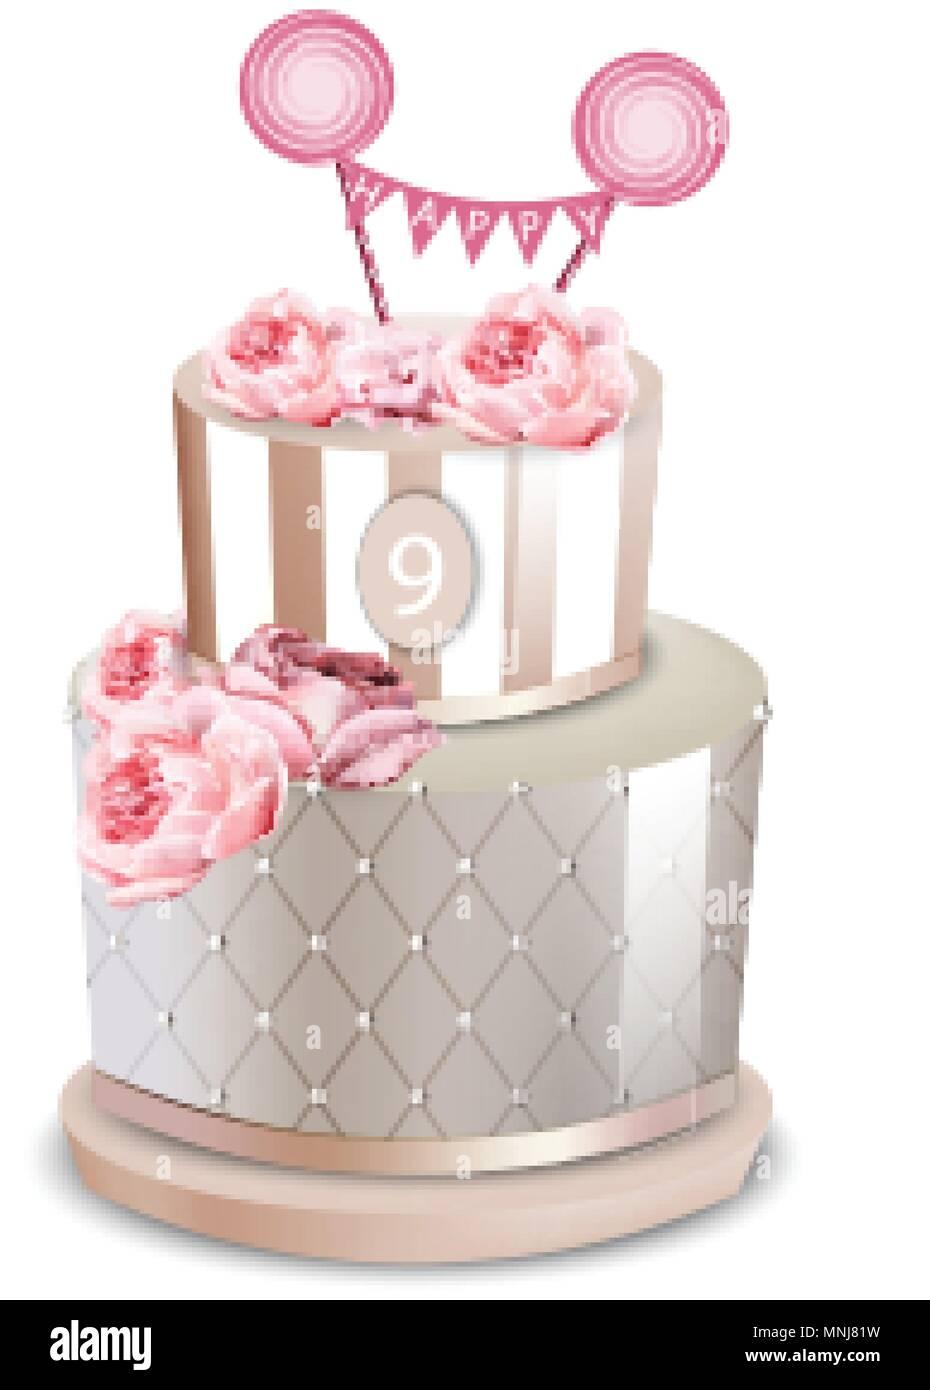 Hochzeitstorte Vektor Realistisch Jahrestag Geburtstag Zeremonie